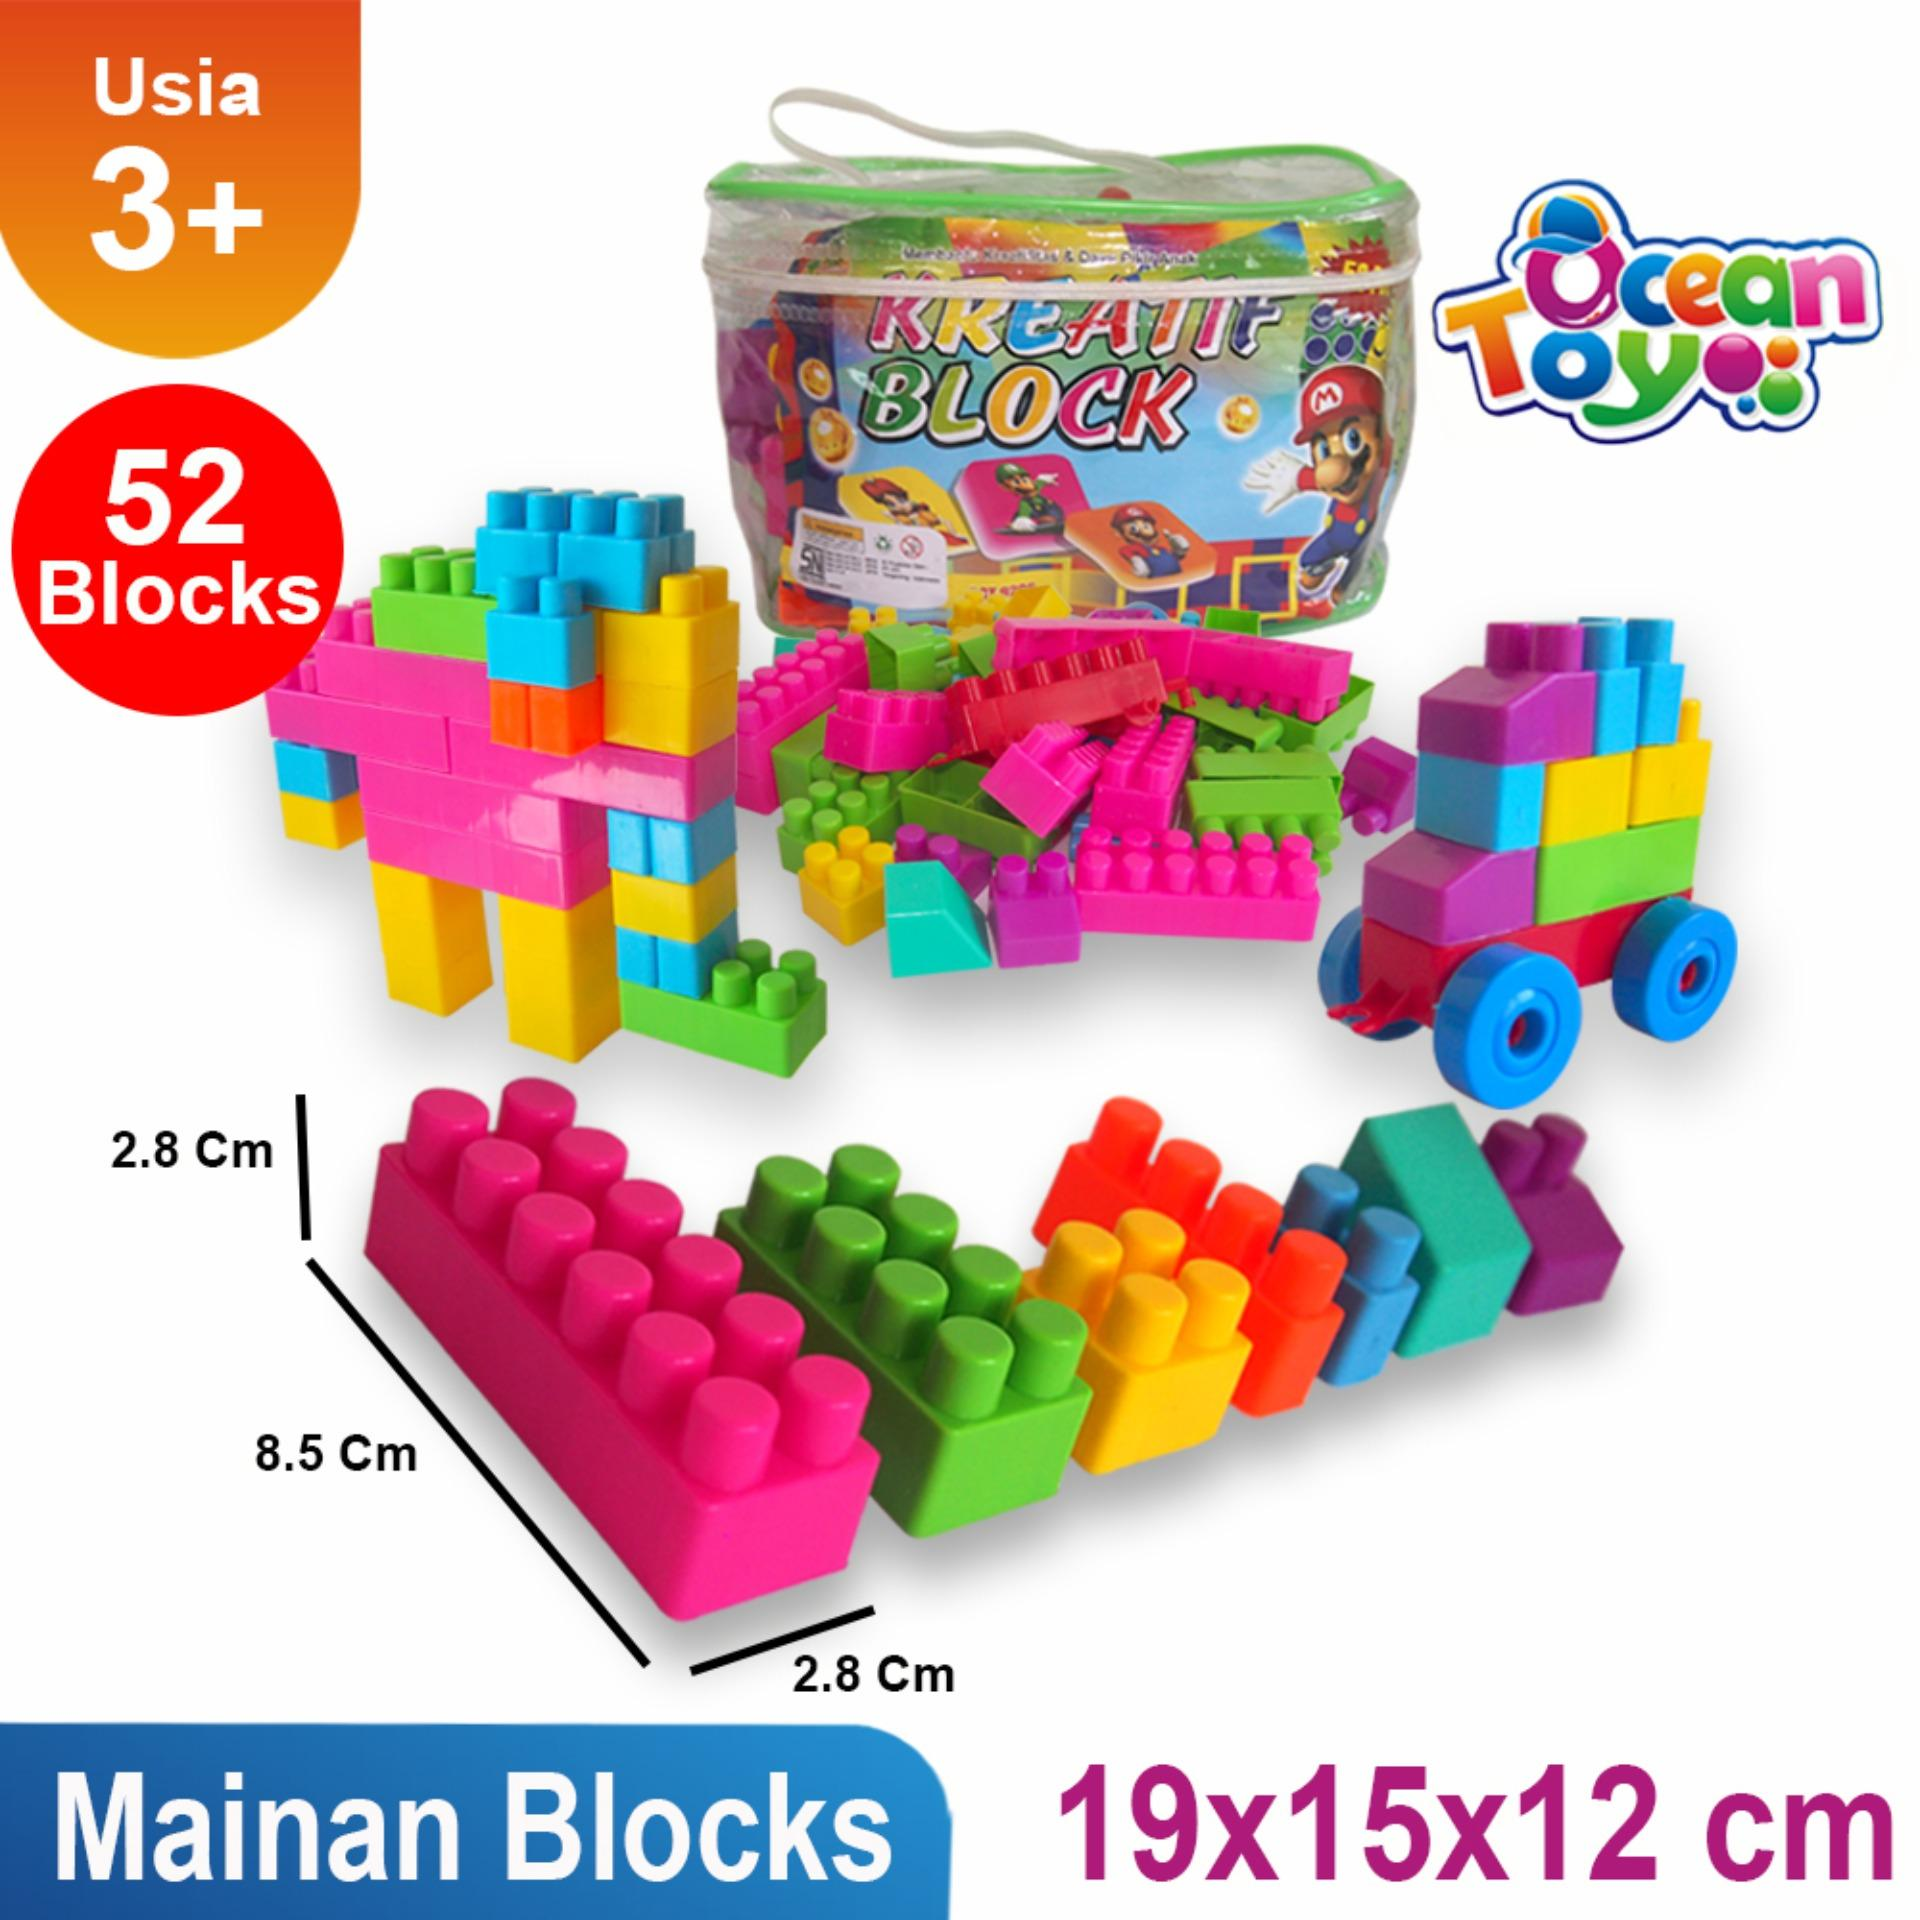 Mainan Balok Susunan Funny Bricks Lego Susun Anak Perempuan Edukatif Edukasi Laki Ocean Toy Block Creative Modern Oct9206